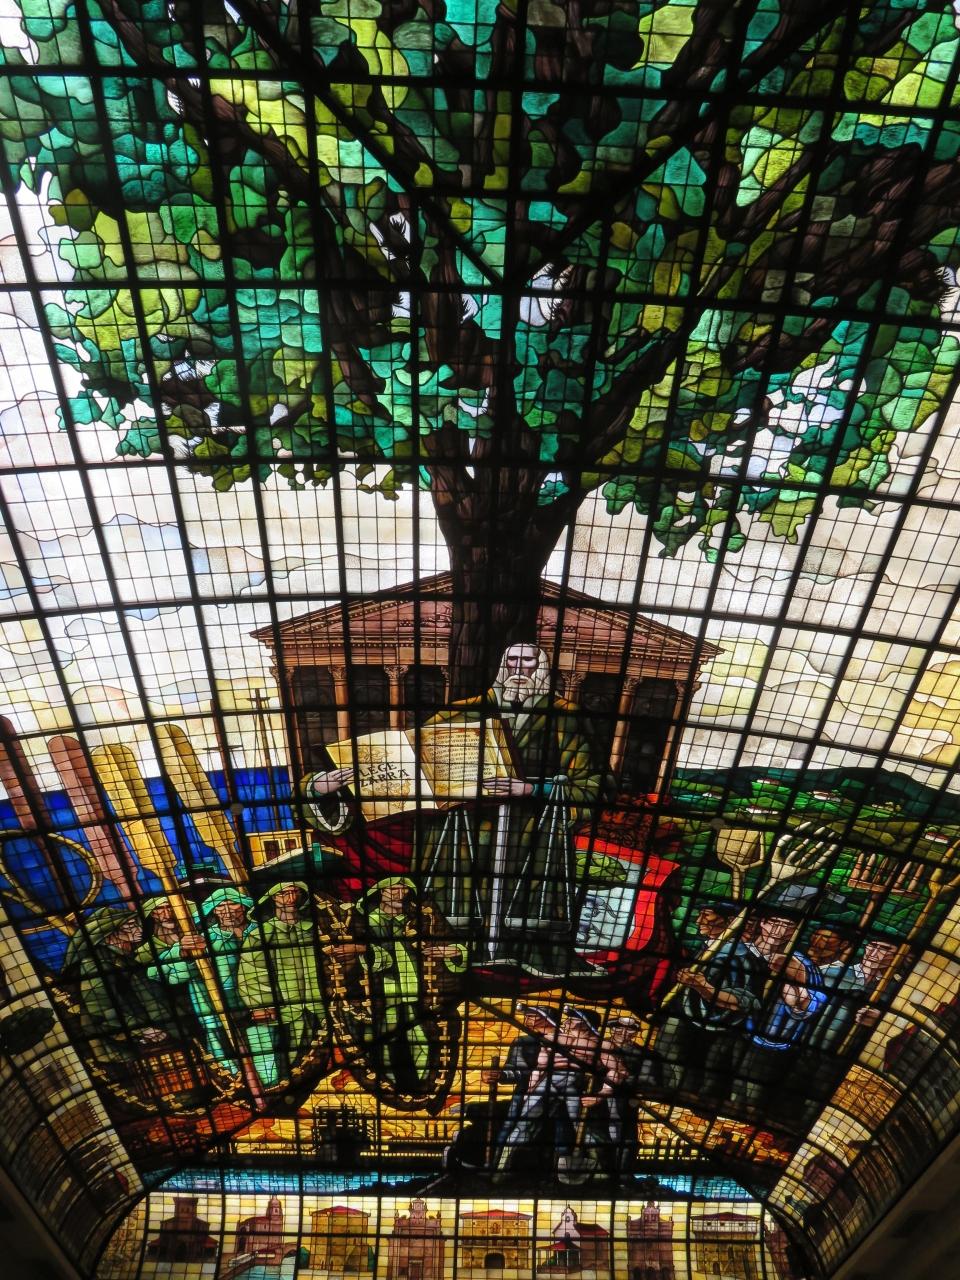 フランス~スペイン旅・ピカソの怒り絵画の地ゲルニカ・・これからも平和で穏やかな時を刻んでほしいと祈りましょう